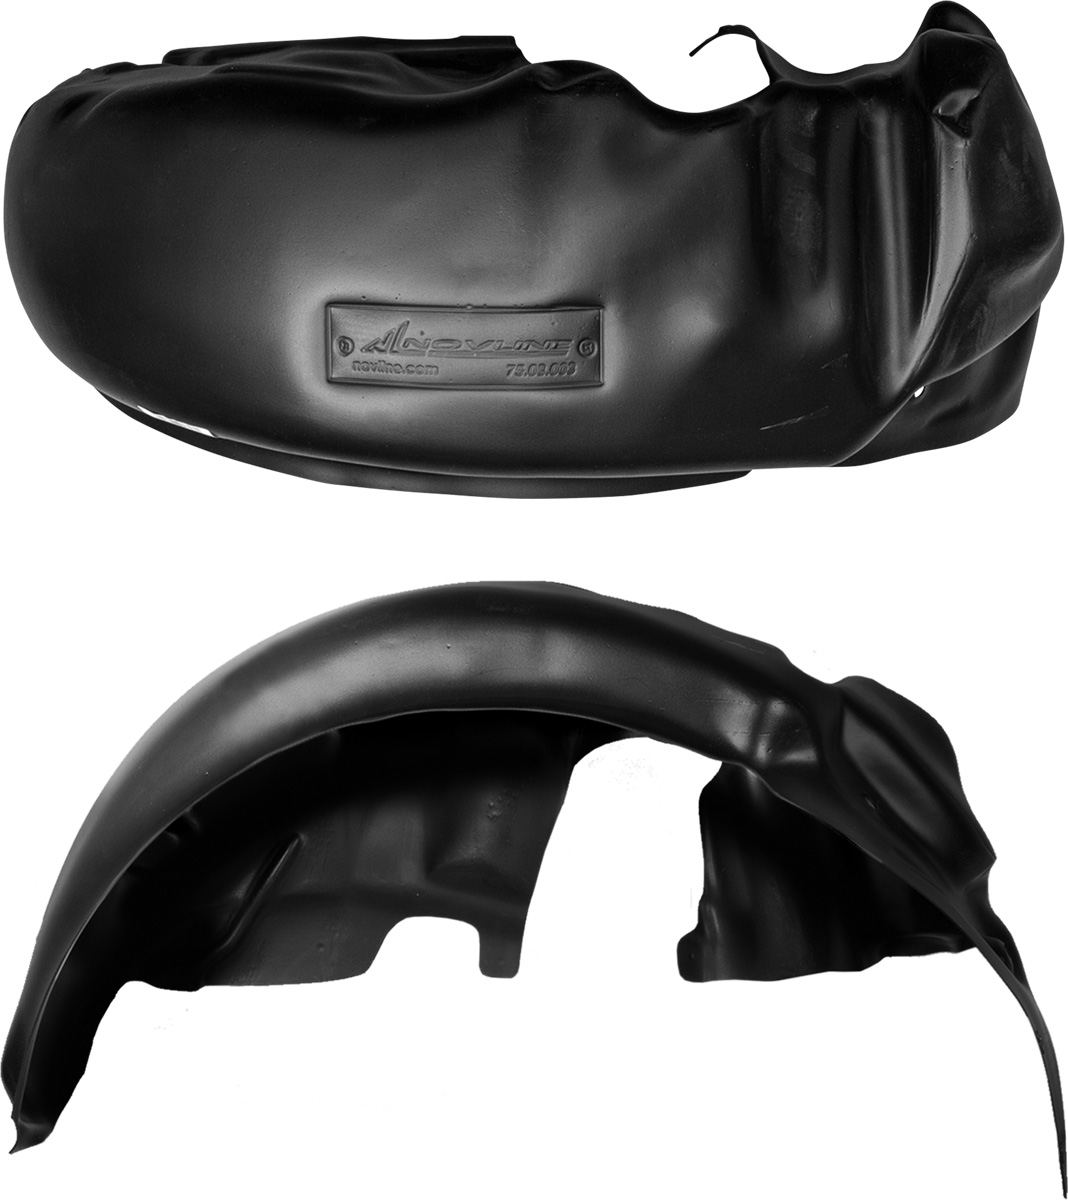 Подкрылок RENAULT Sandero, 01/2014->, задний левыйNLL.41.35.003Колесные ниши – одни из самых уязвимых зон днища вашего автомобиля. Они постоянно подвергаются воздействию со стороны дороги. Лучшая, почти абсолютная защита для них - специально отформованные пластиковые кожухи, которые называются подкрылками, или локерами. Производятся они как для отечественных моделей автомобилей, так и для иномарок. Подкрылки выполнены из высококачественного, экологически чистого пластика. Обеспечивают надежную защиту кузова автомобиля от пескоструйного эффекта и негативного влияния, агрессивных антигололедных реагентов. Пластик обладает более низкой теплопроводностью, чем металл, поэтому в зимний период эксплуатации использование пластиковых подкрылков позволяет лучше защитить колесные ниши от налипания снега и образования наледи. Оригинальность конструкции подчеркивает элегантность автомобиля, бережно защищает нанесенное на днище кузова антикоррозийное покрытие и позволяет осуществить крепление подкрылков внутри колесной арки практически без дополнительного крепежа и сверления, не нарушая при этом лакокрасочного покрытия, что предотвращает возникновение новых очагов коррозии. Технология крепления подкрылков на иномарки принципиально отличается от крепления на российские автомобили и разрабатывается индивидуально для каждой модели автомобиля. Подкрылки долговечны, обладают высокой прочностью и сохраняют заданную форму, а также все свои физико-механические характеристики в самых тяжелых климатических условиях ( от -50° С до + 50° С).